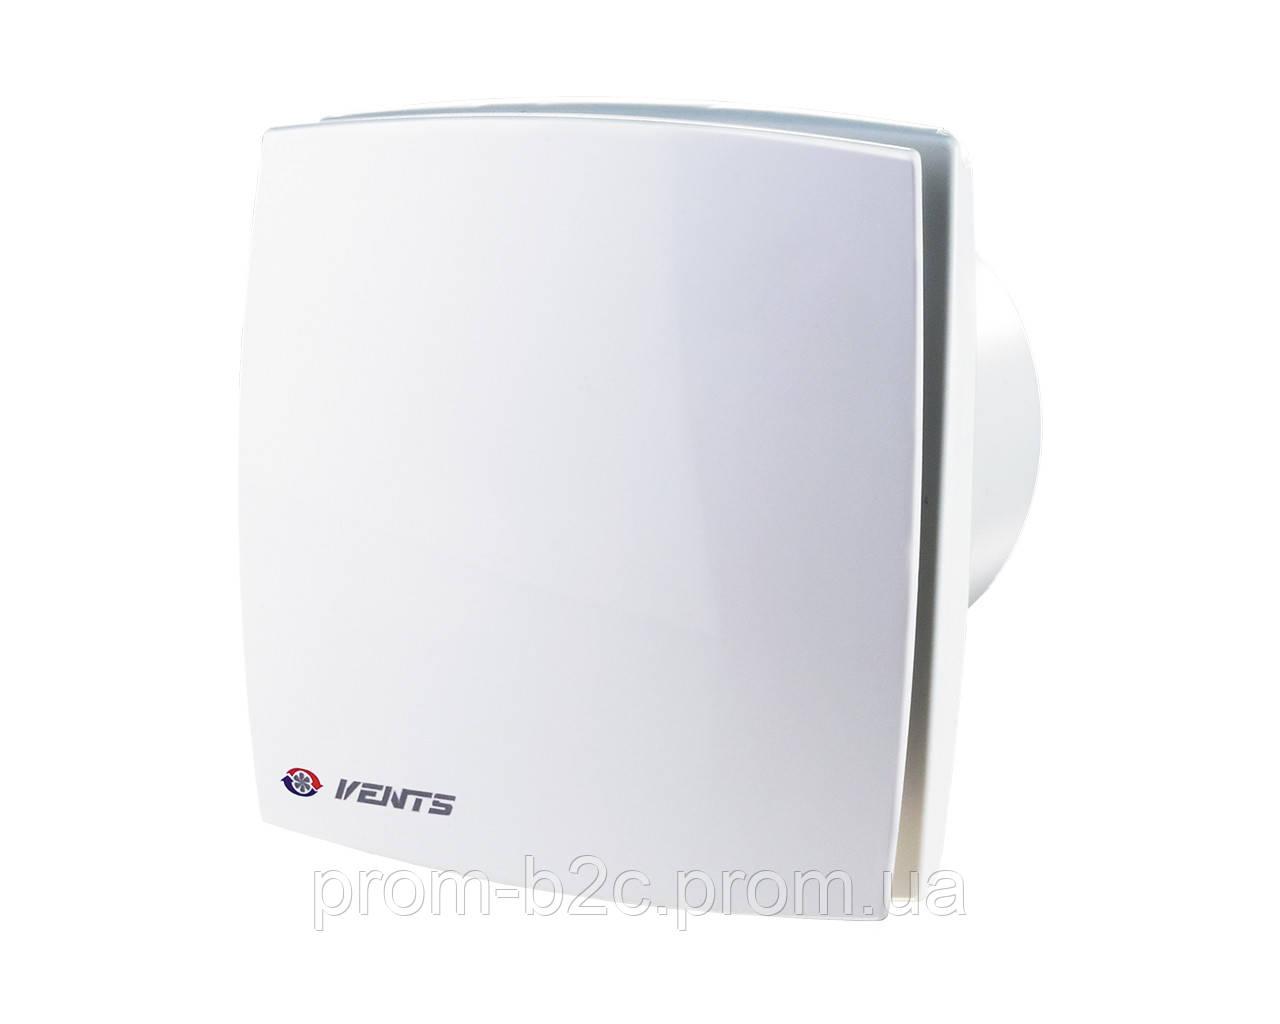 Вентилятор Вентс 100 ЛДВТН